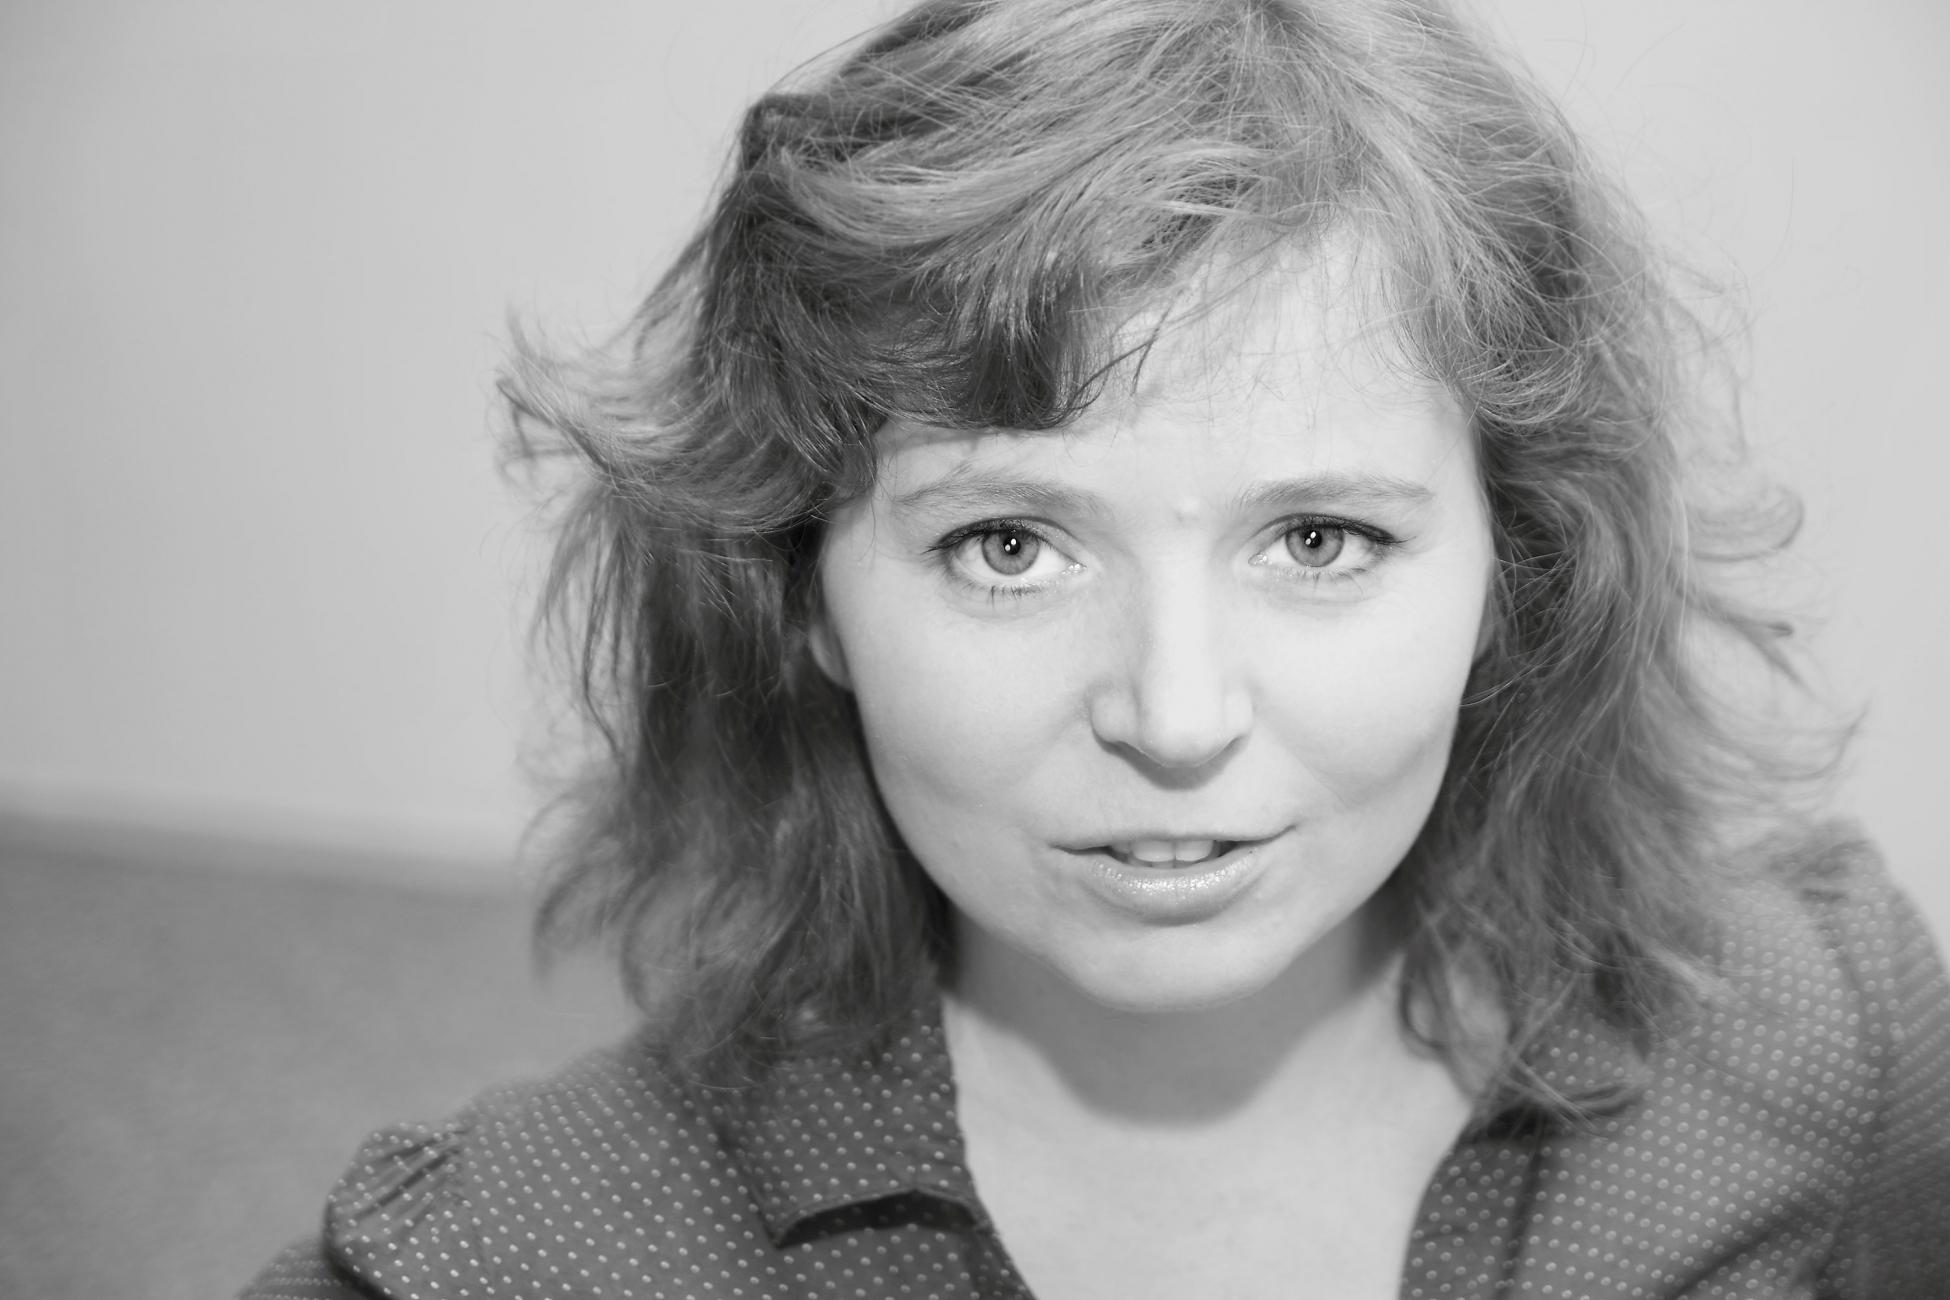 ola-szczygieł-sesje-kobiece-fotograf-projekt-lubliniczanka-wystawa-dom-kultury-lubliniec-gala-kobiet